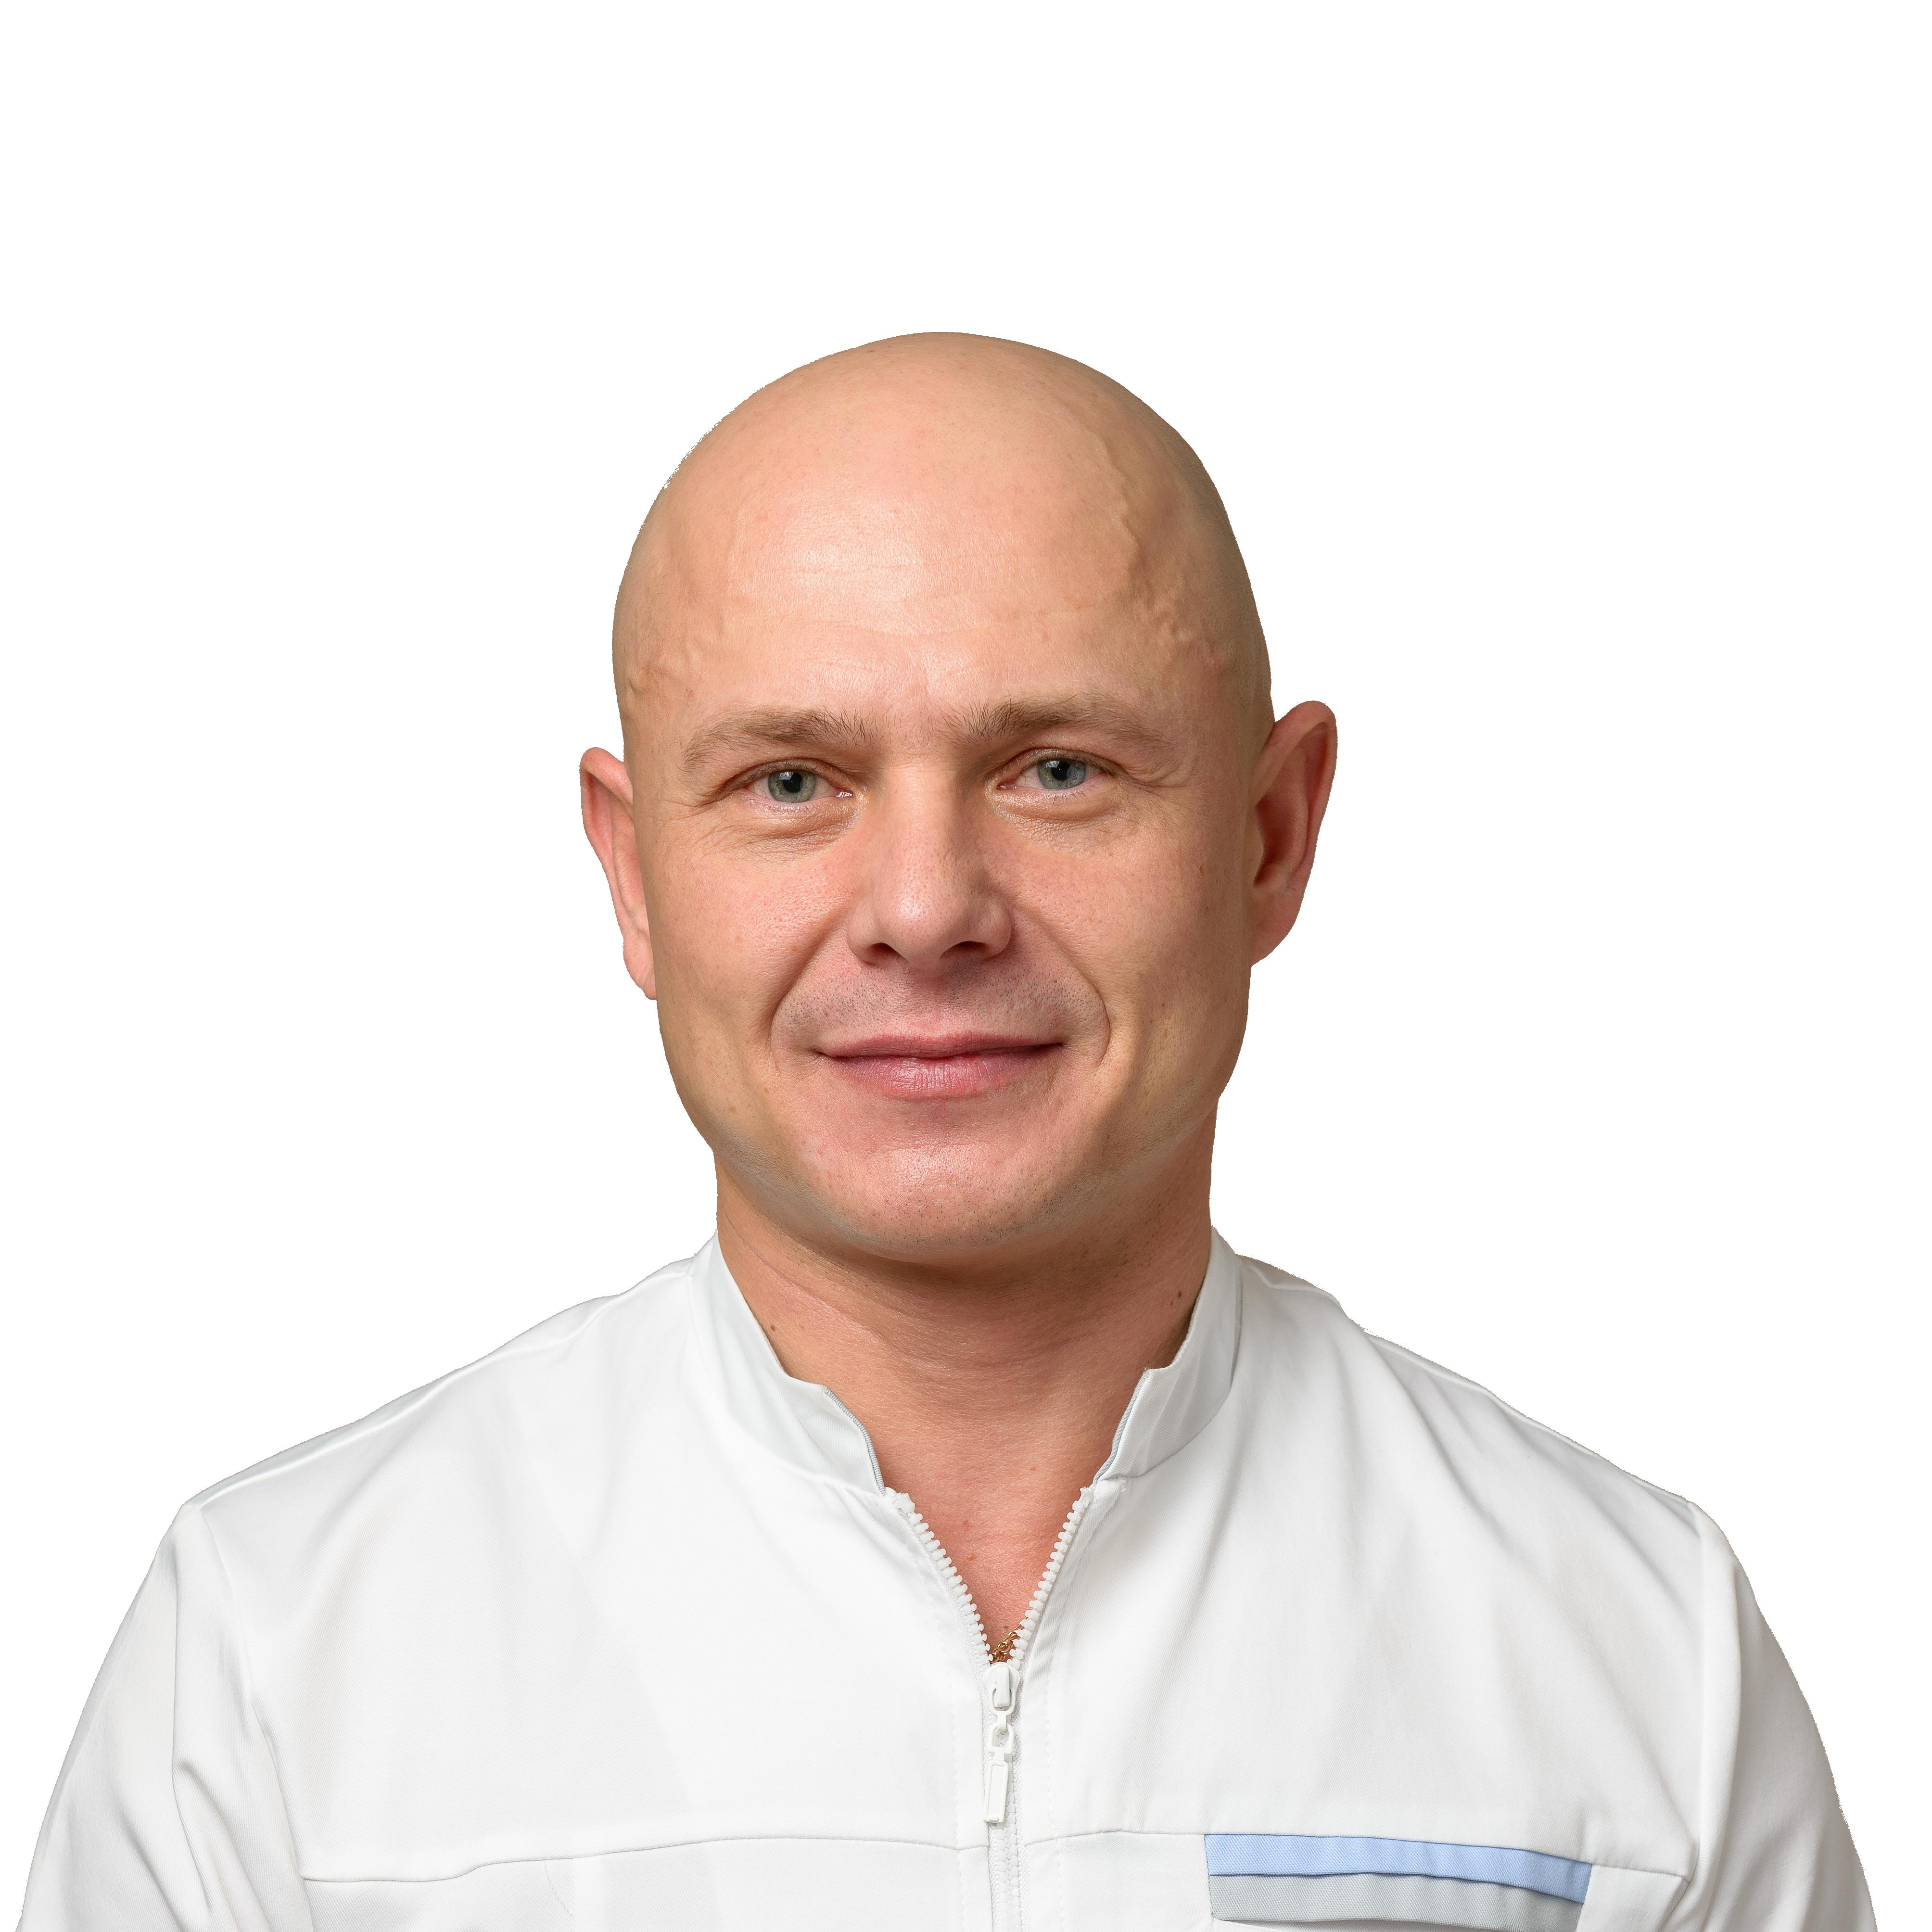 Кодылев Андрей Геннадьевич